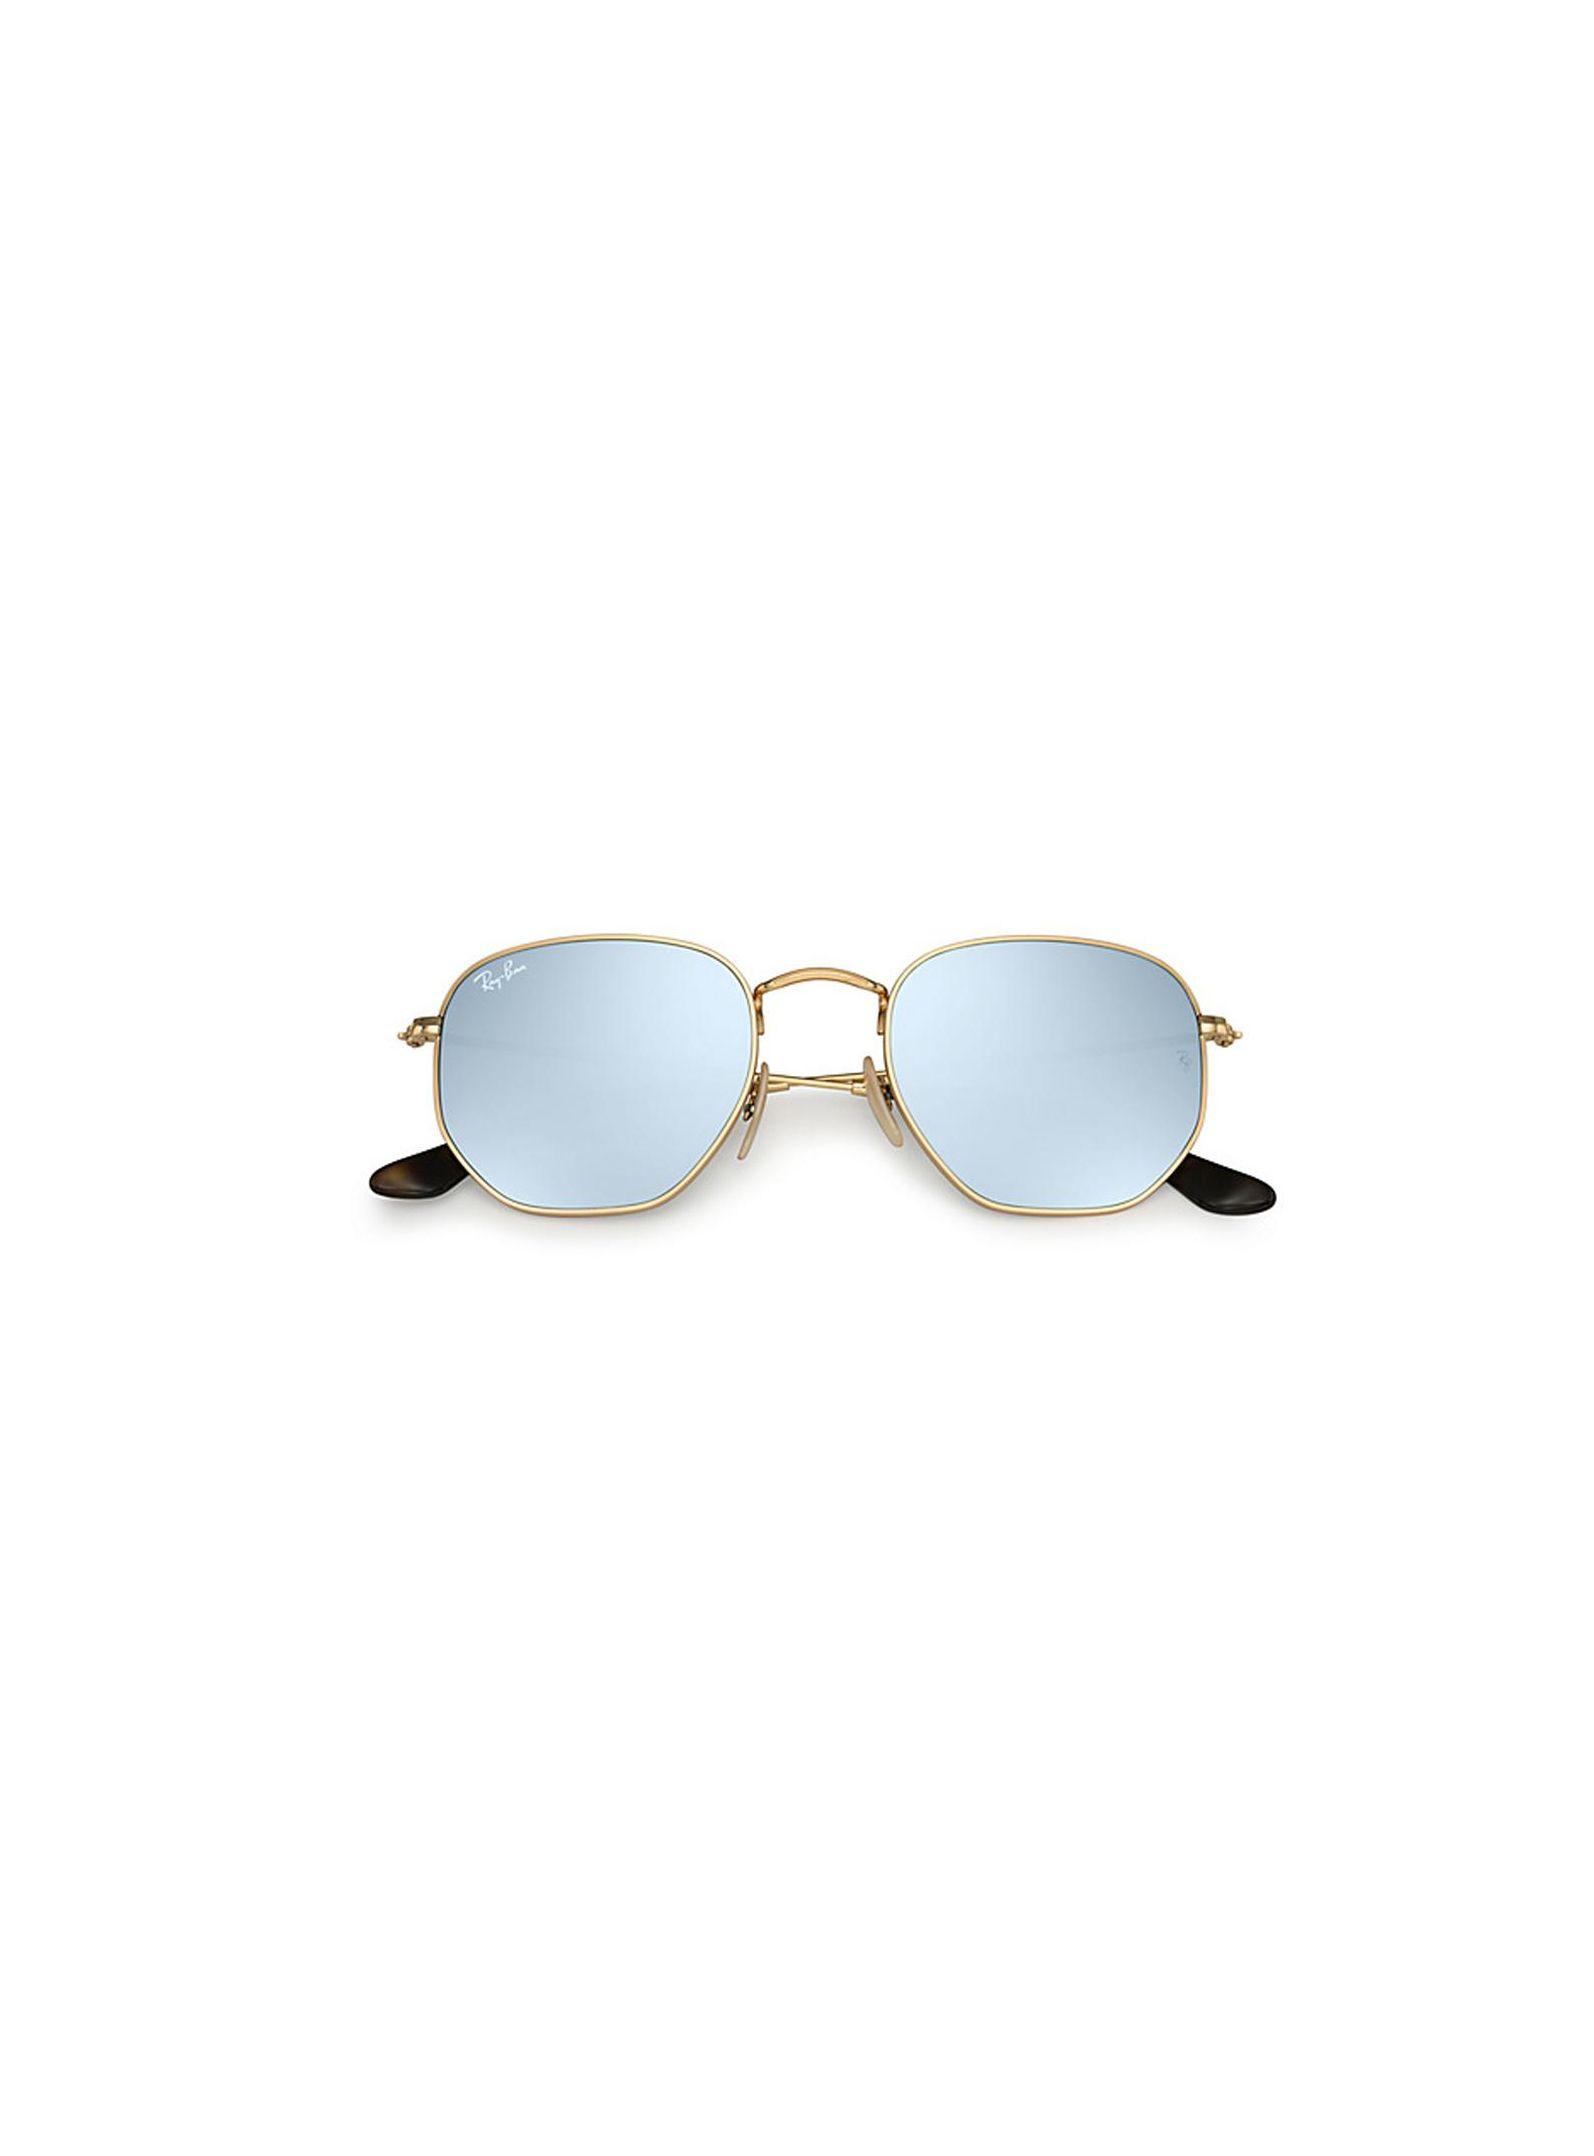 800ffa4311f7a Ray Ban   Hexagonal   Wearsss   Pinterest   Escuro, Óculos e Acessórios